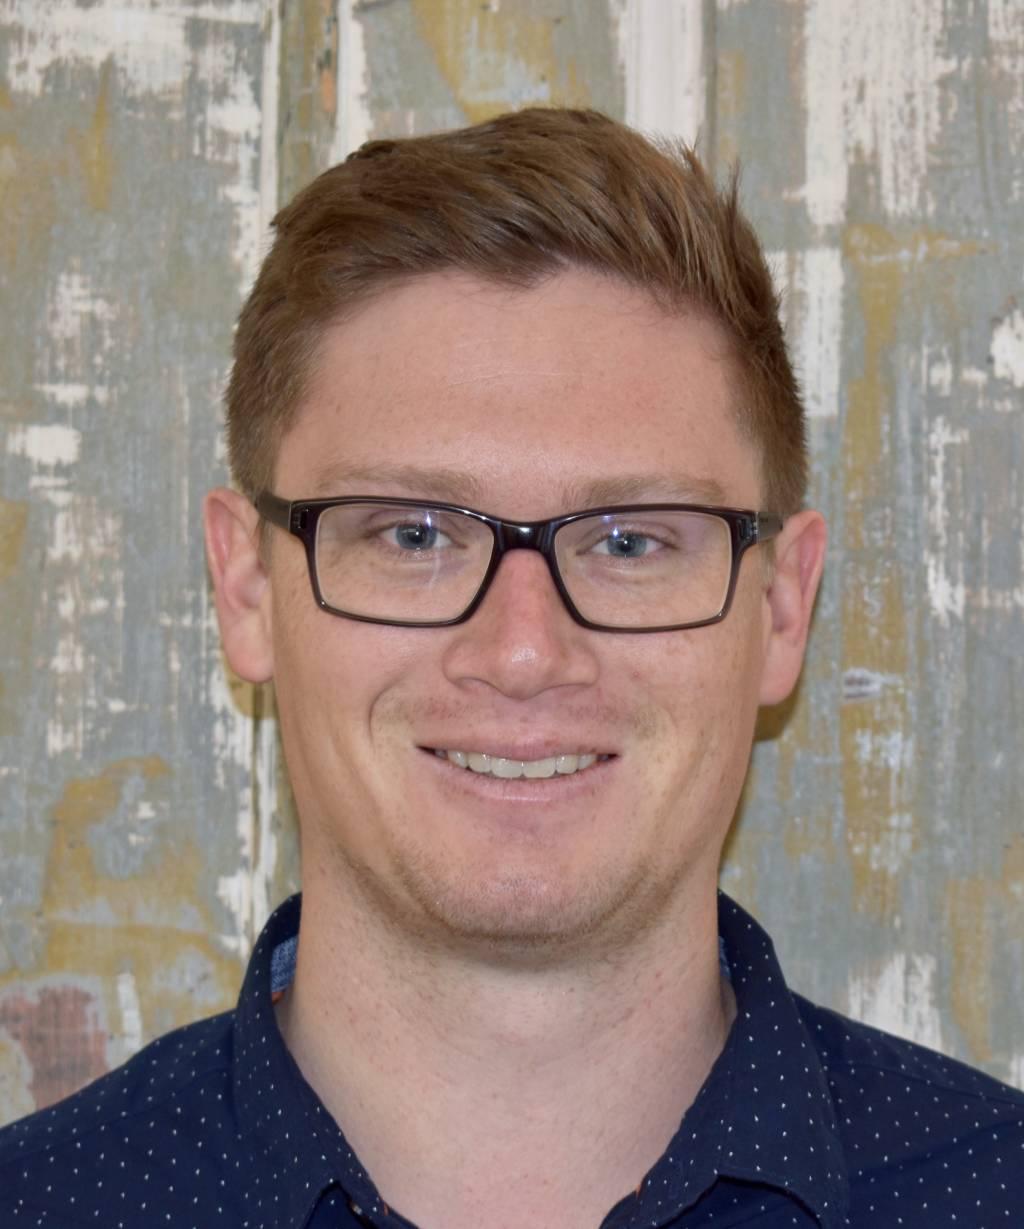 Ian Busch